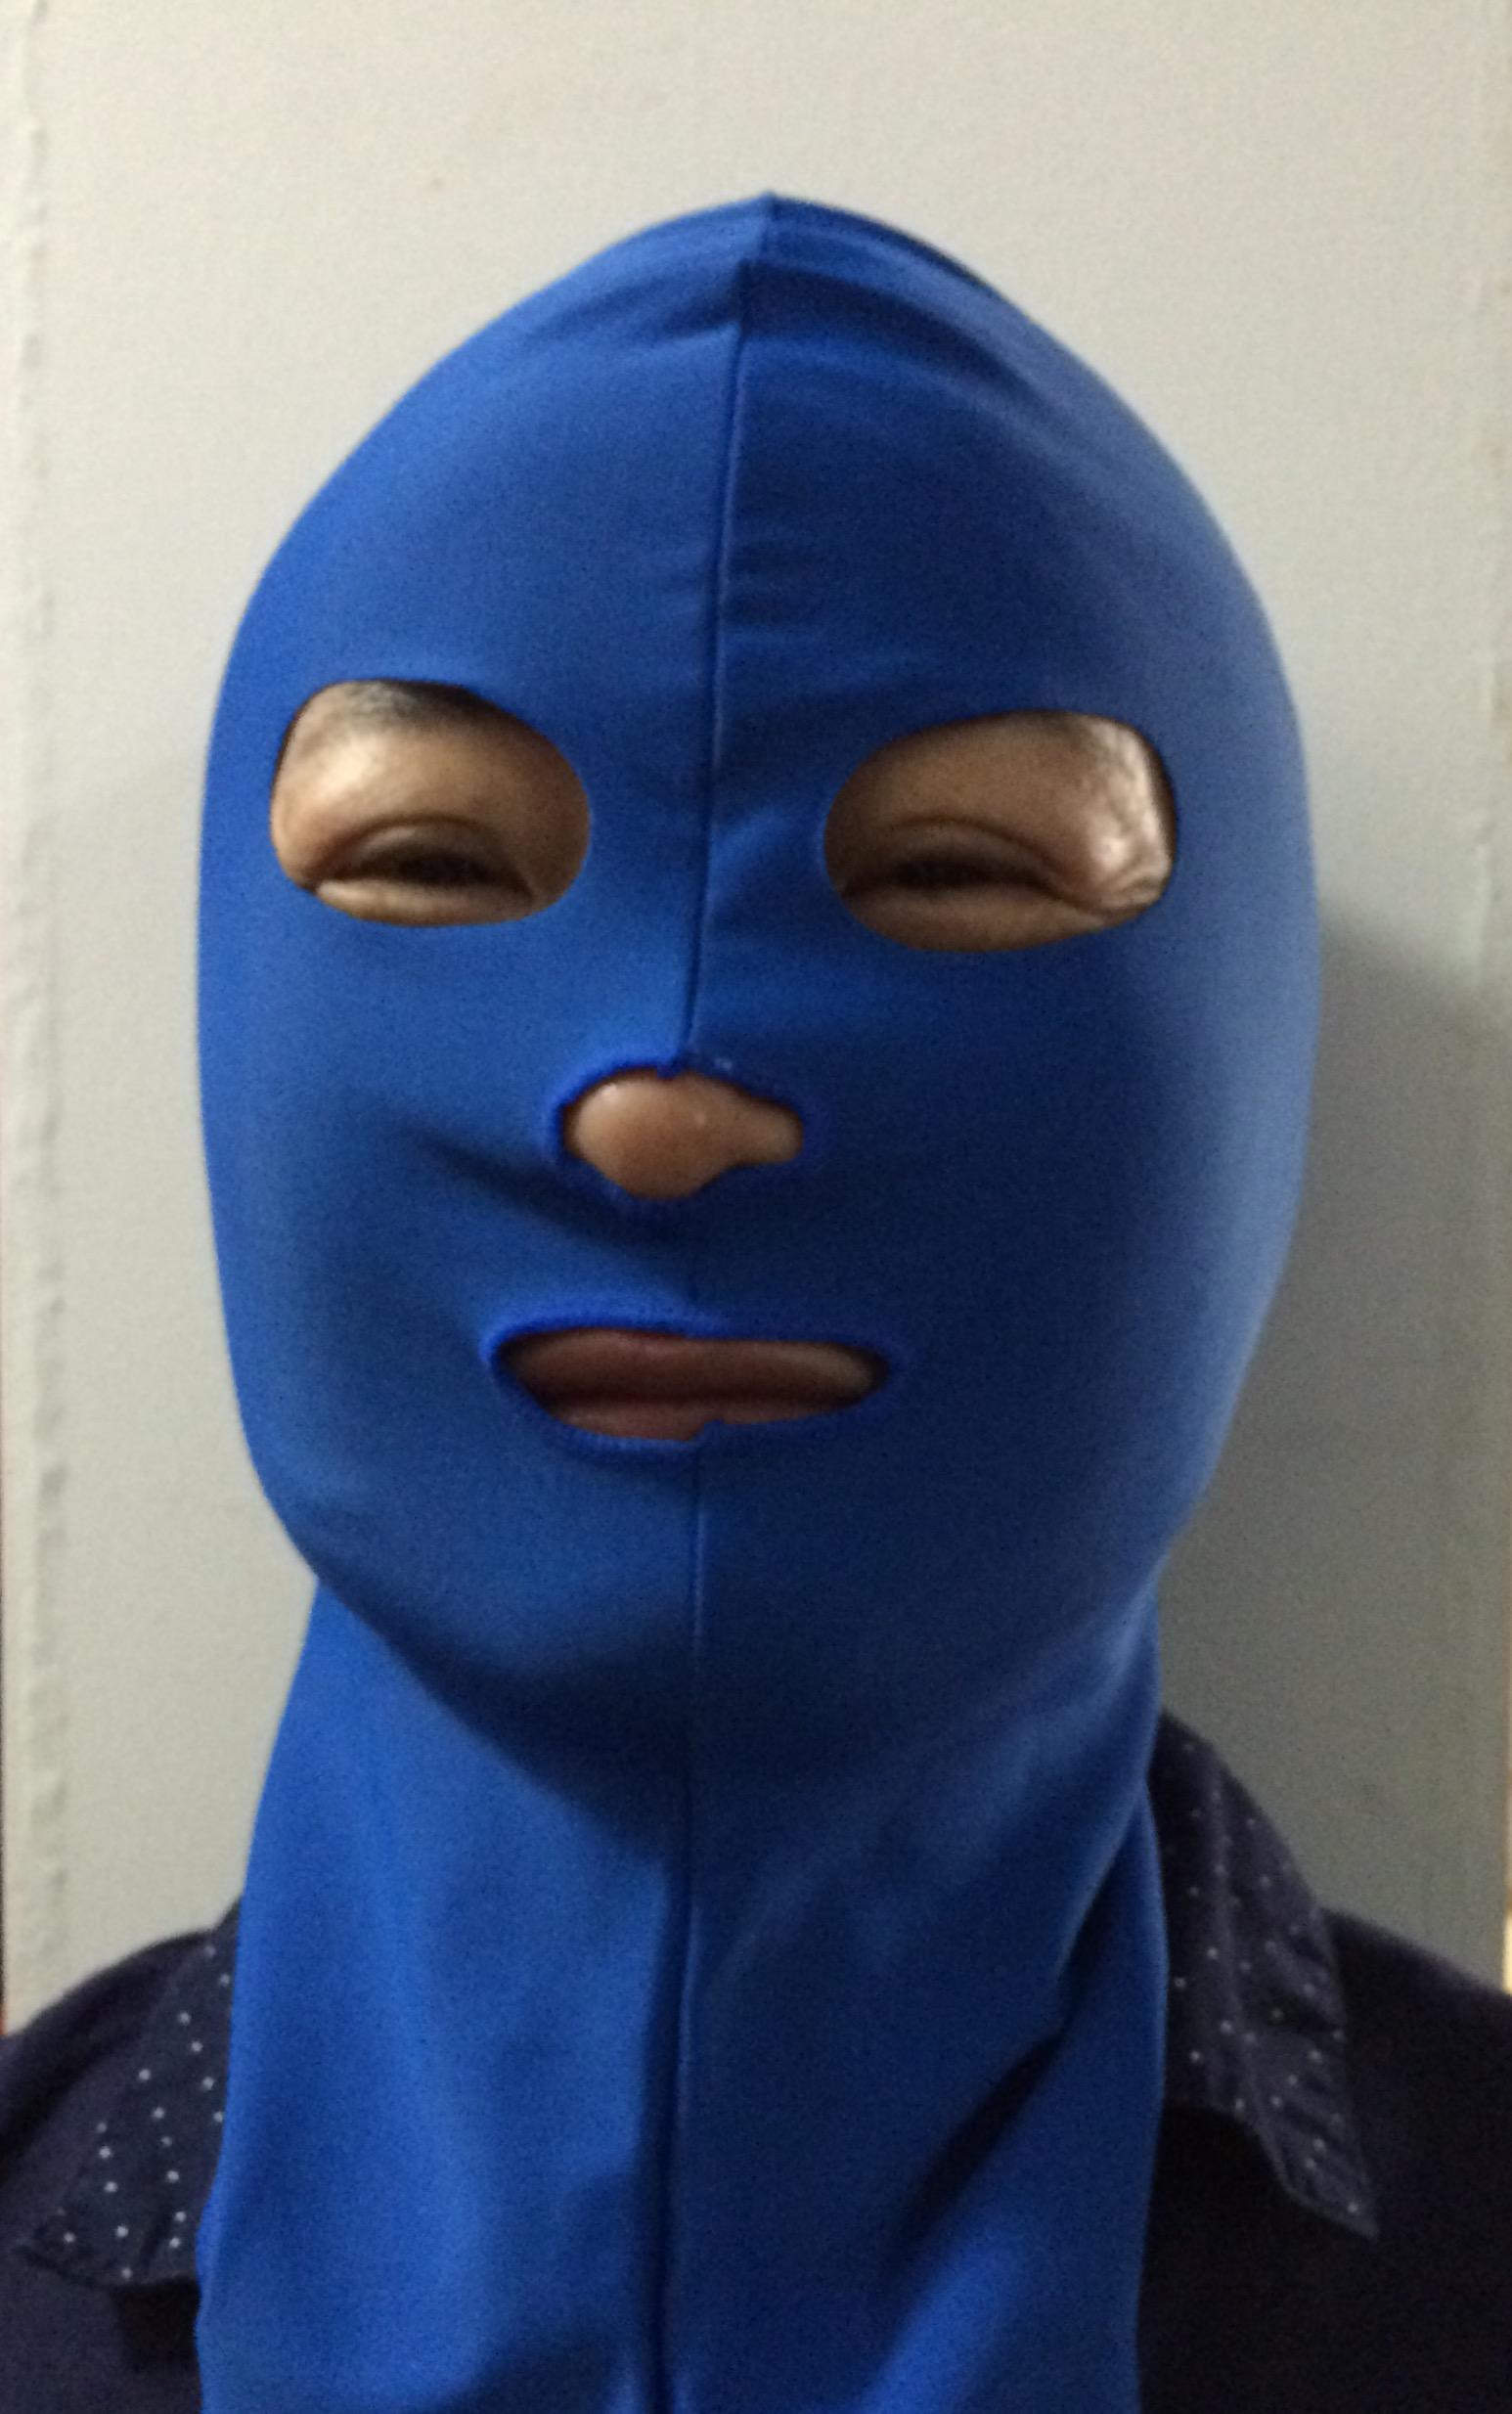 Facekini. From Wikipedia ... 68e9f76636